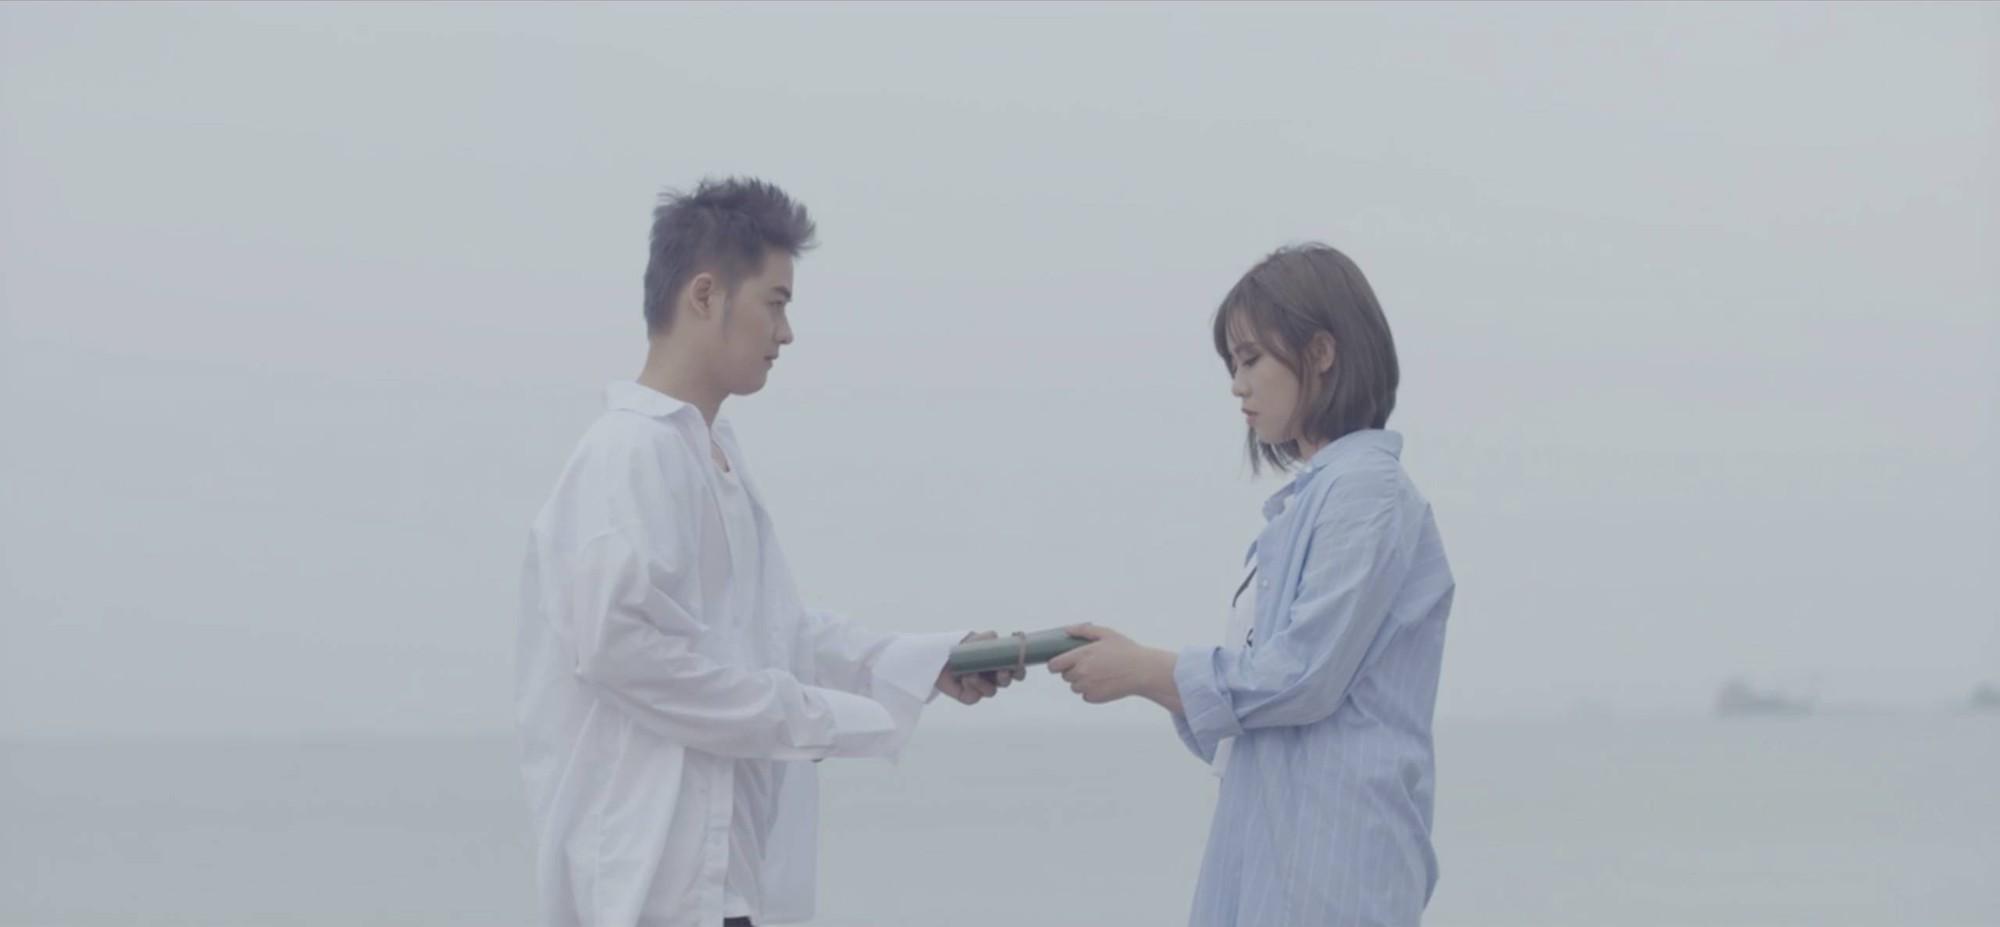 Thanh Duy 'bán nude', lần đầu khóa môi bạn diễn trong MV mới